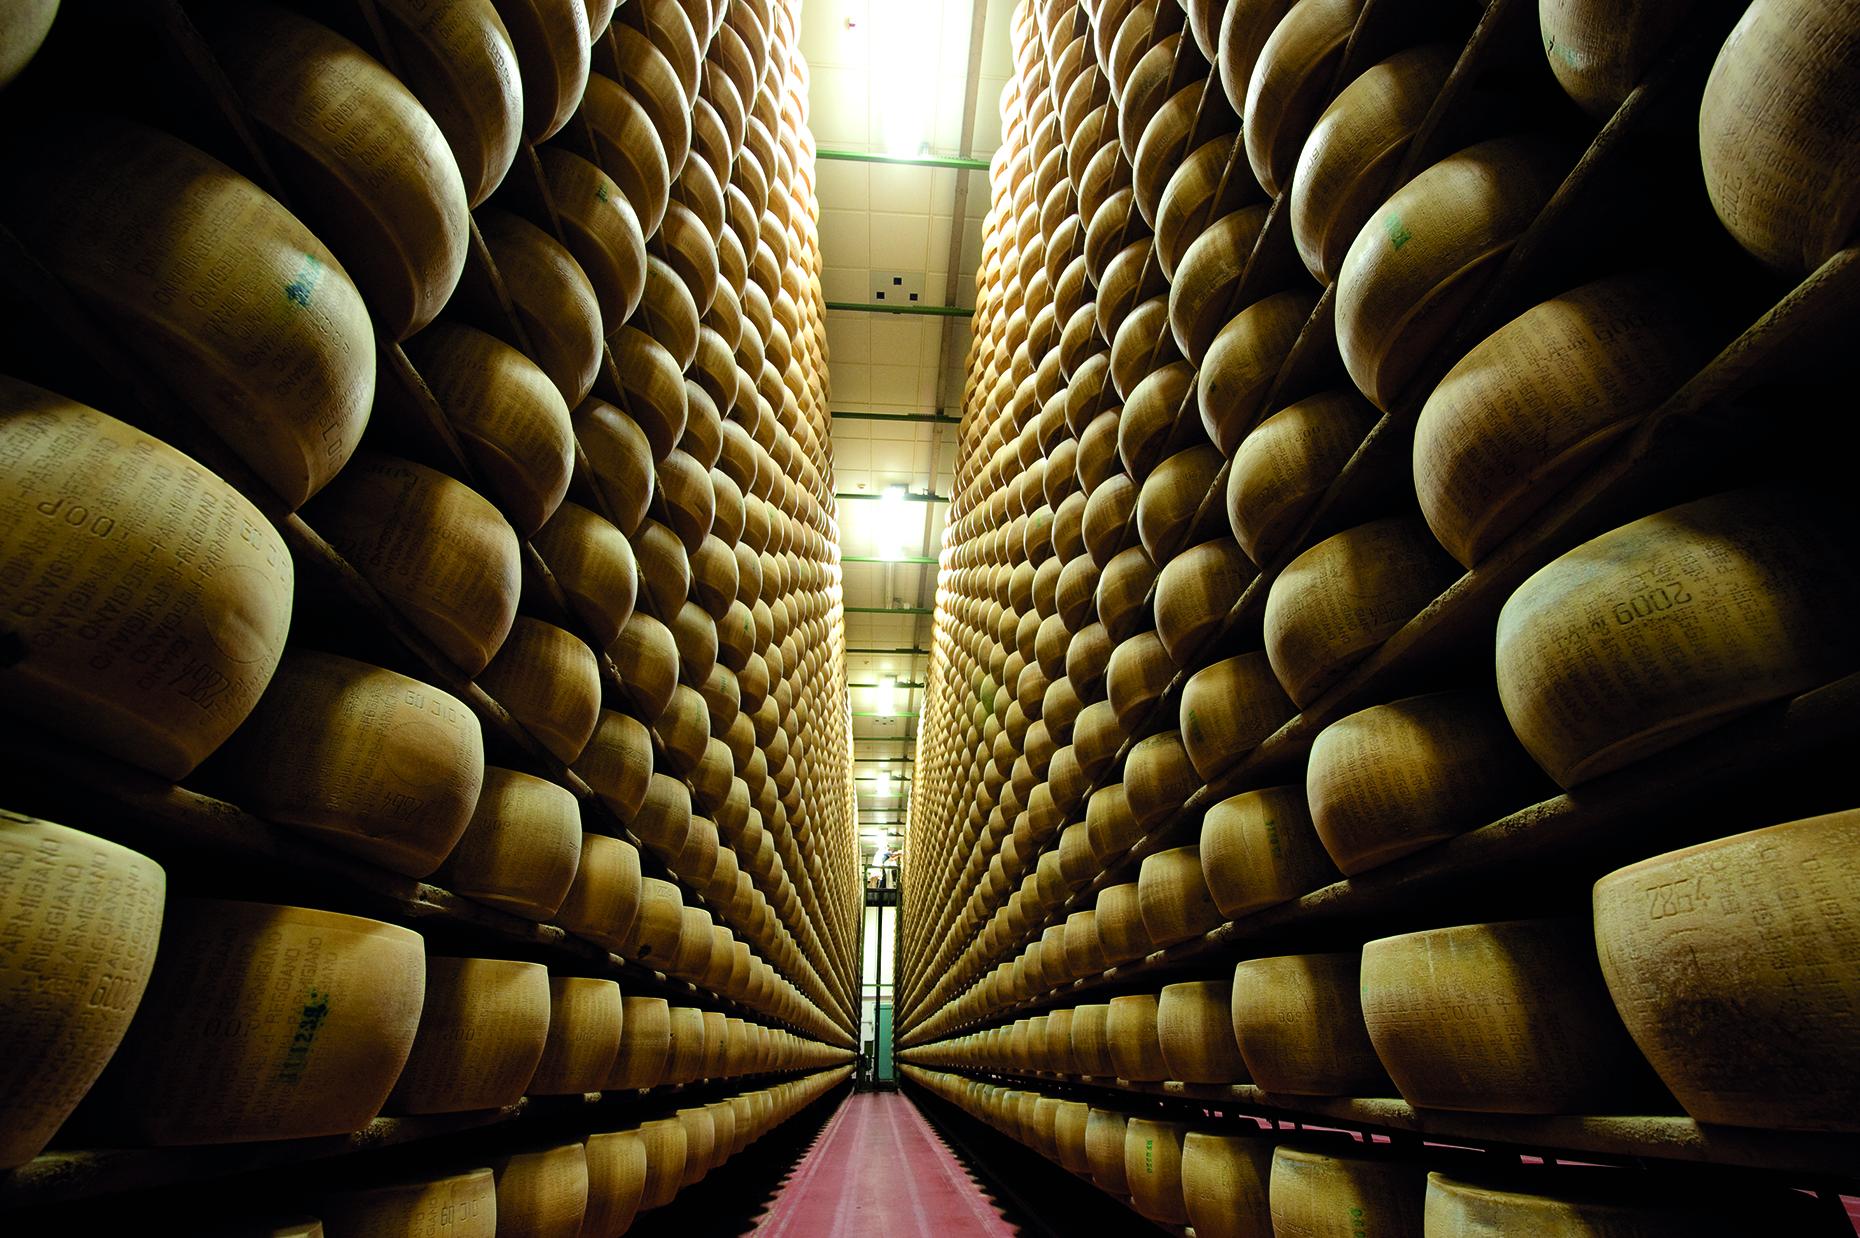 Parmigiano Reggiano aging room